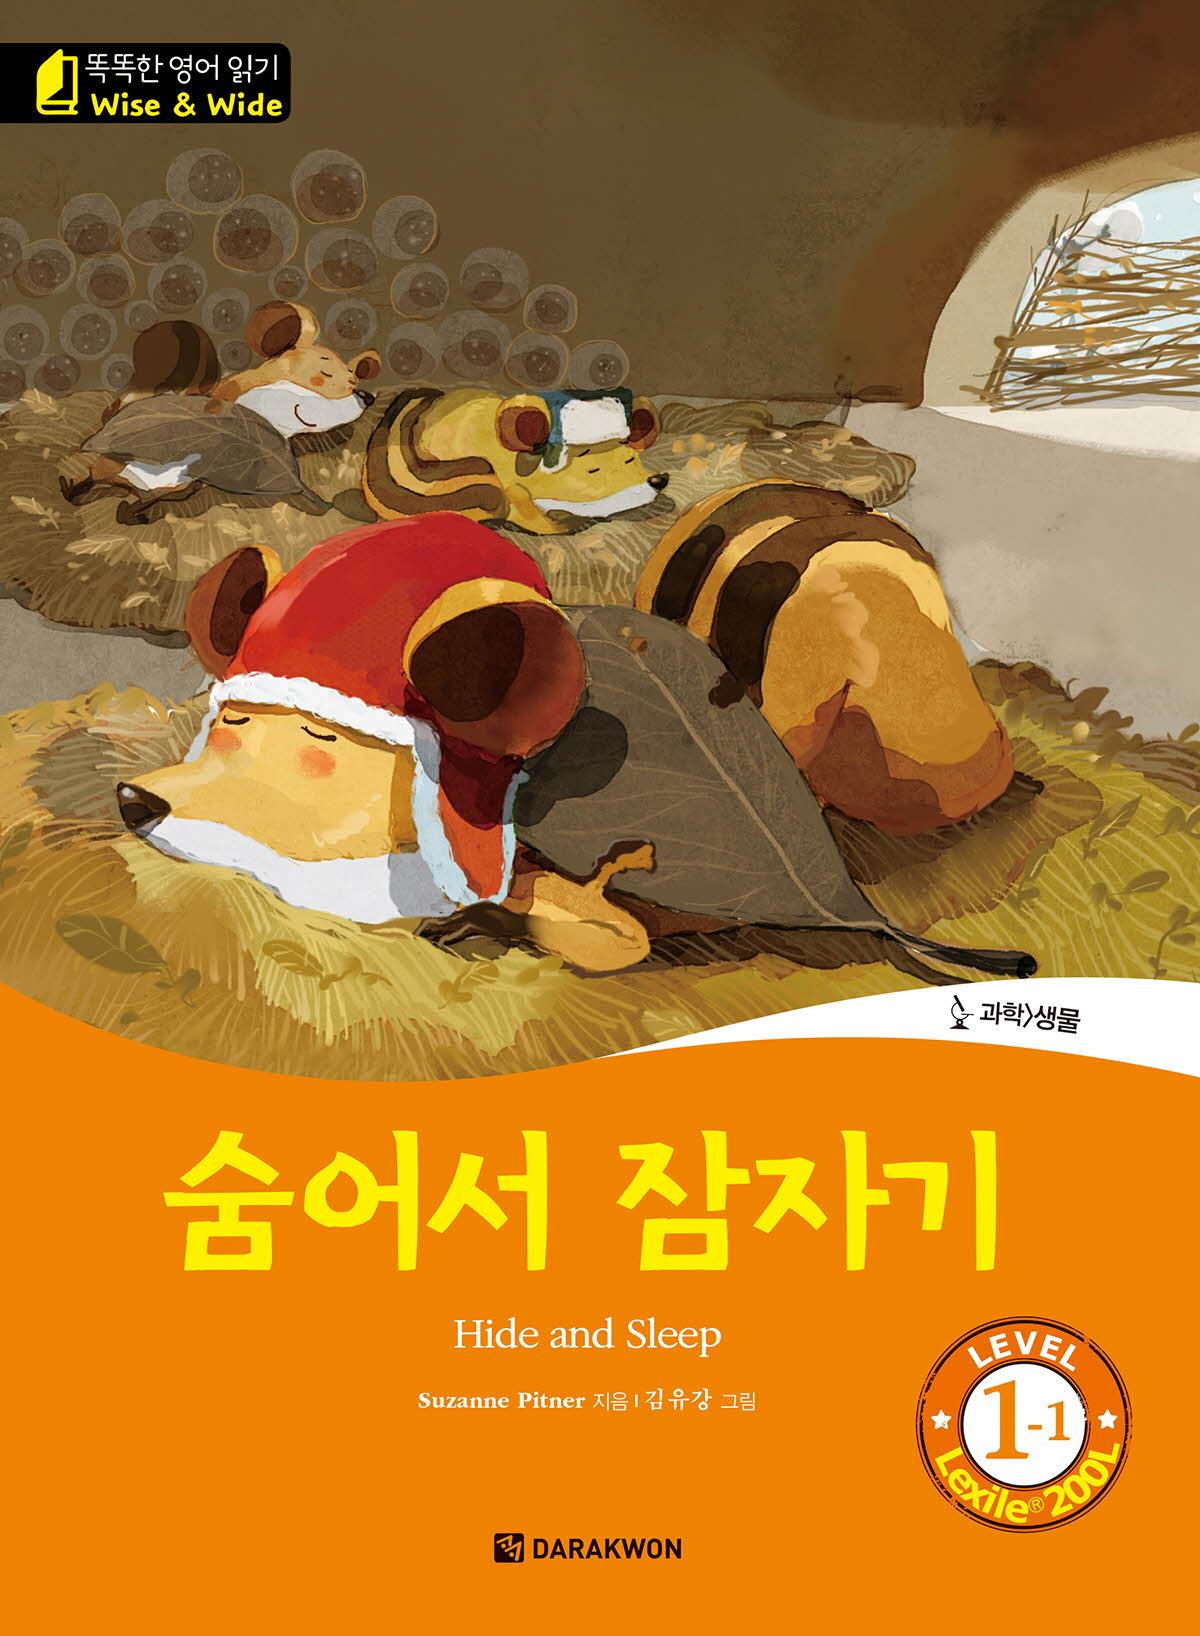 숨어서 잠자기 (Hide and Sleep)의 책표지